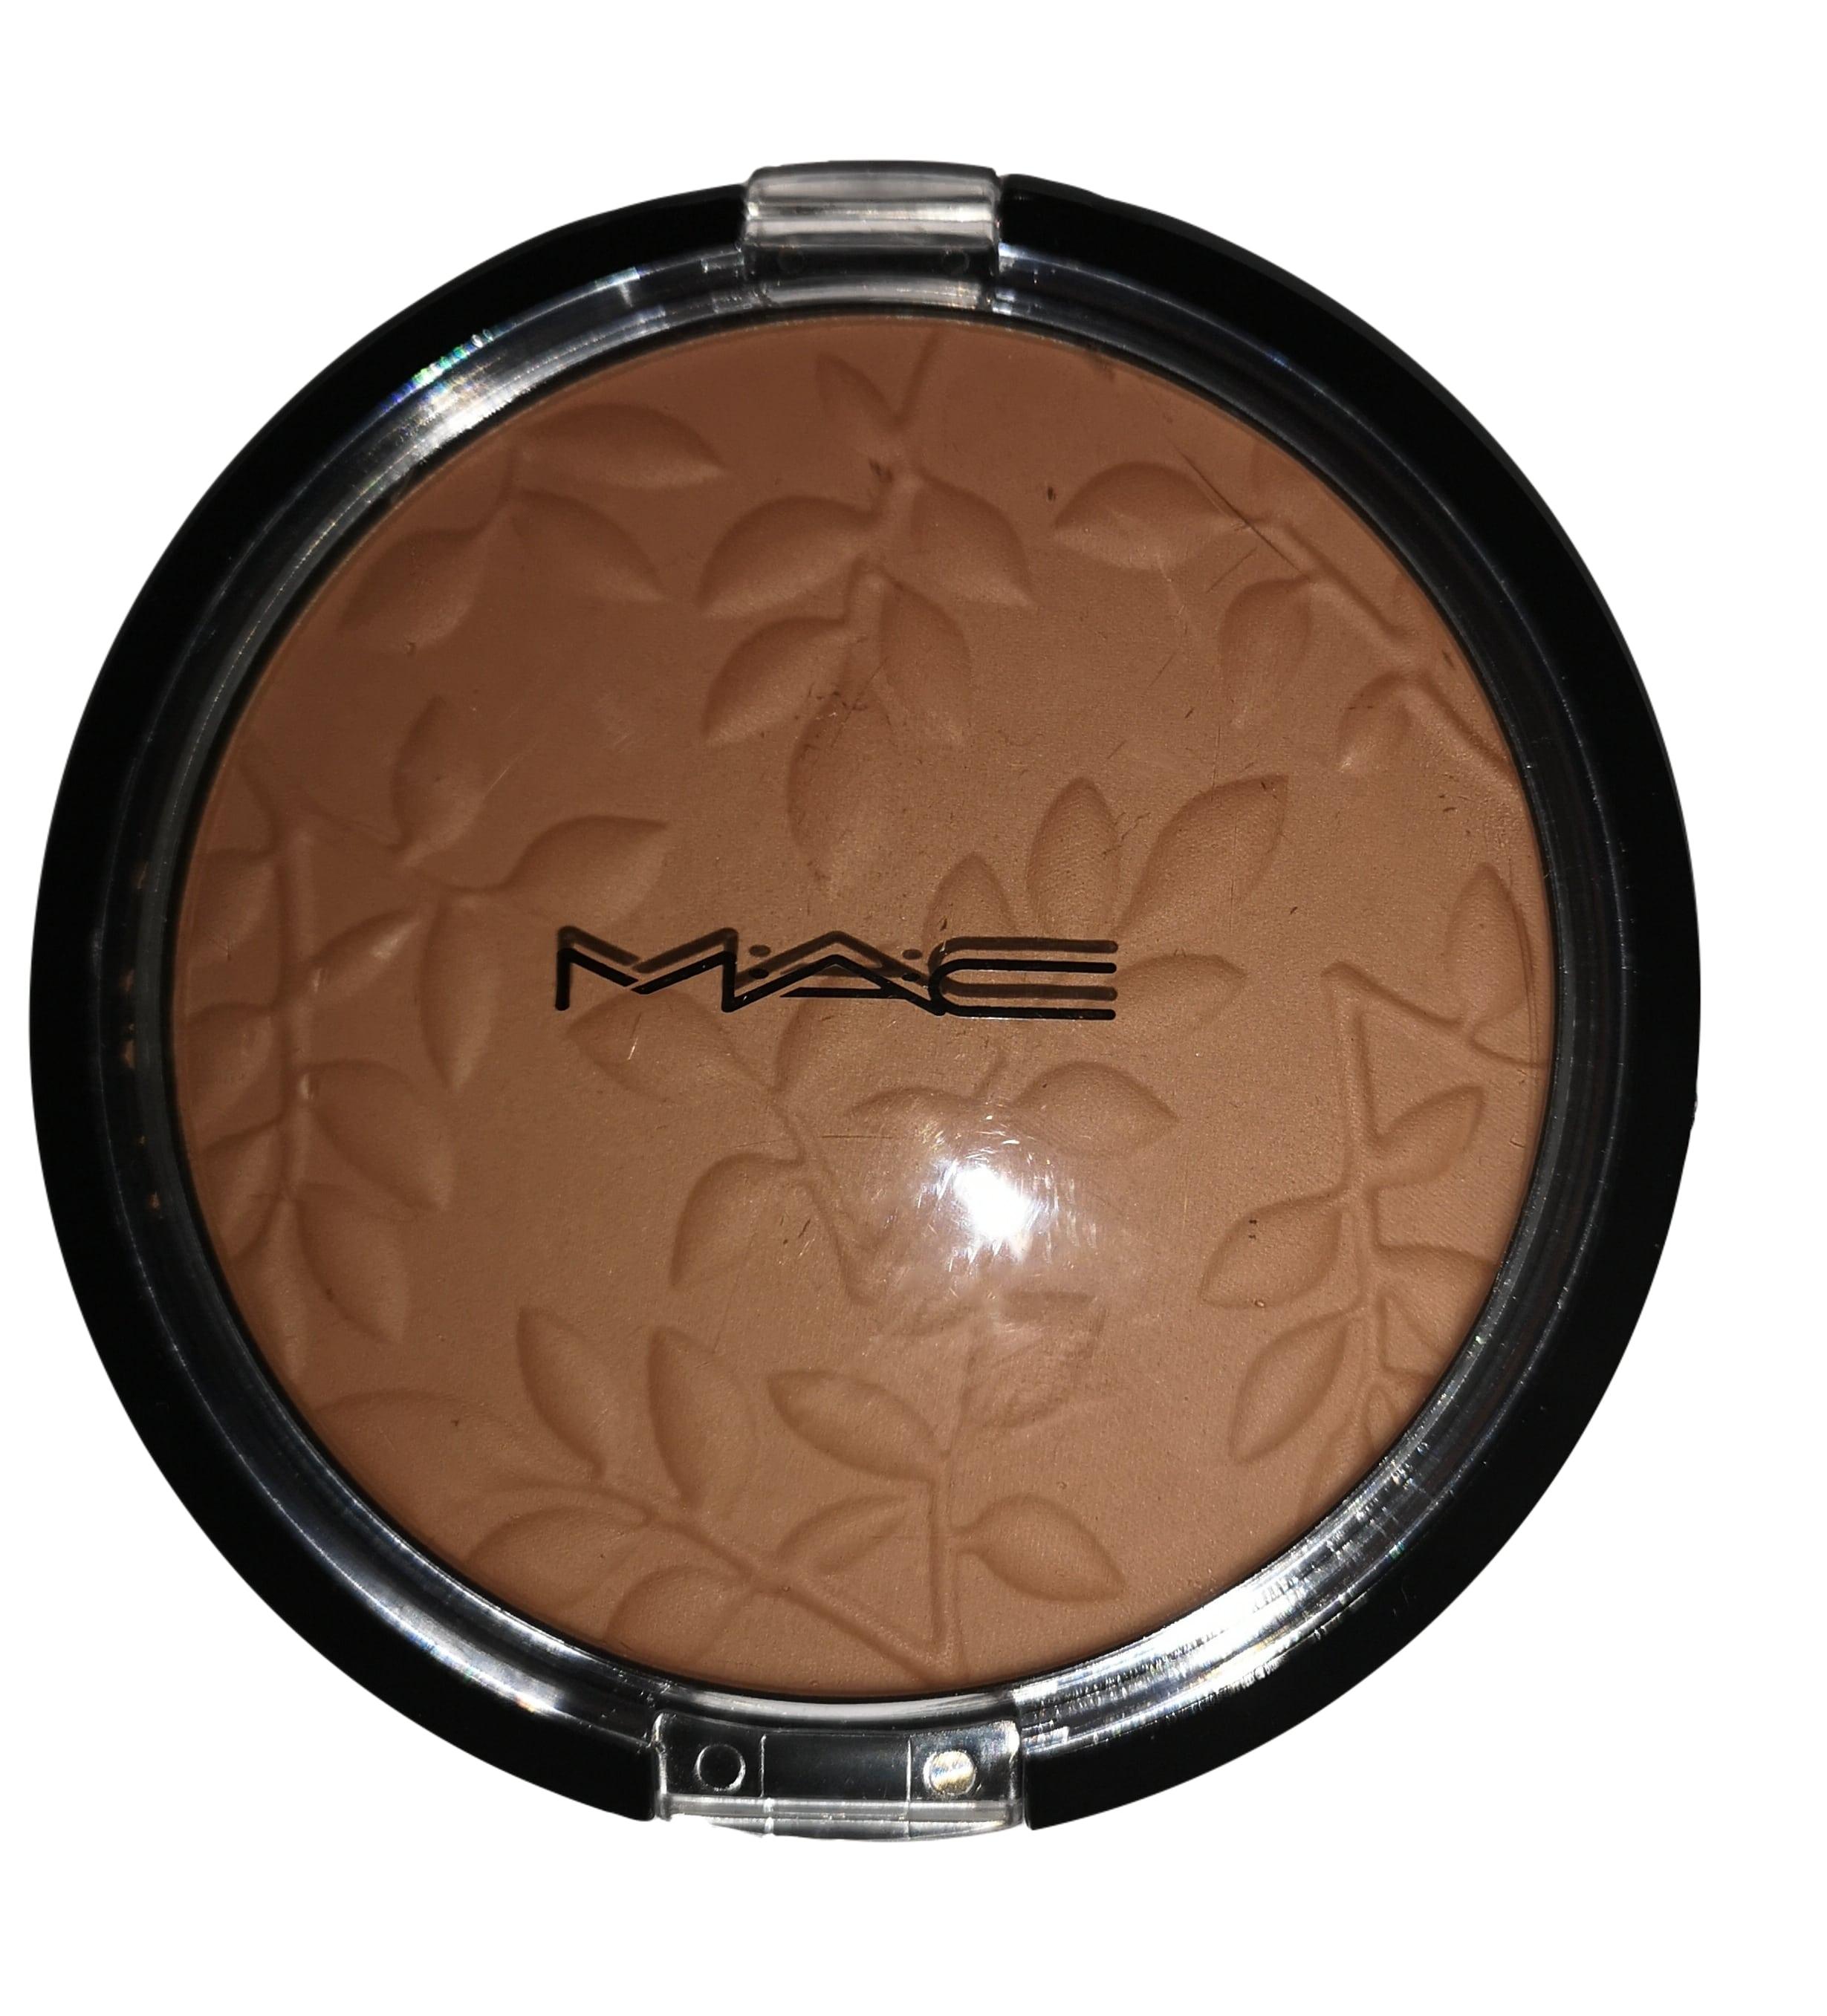 MAC MAXI  Bronzing Powder DARK GOLDEN N.633 NET 35G